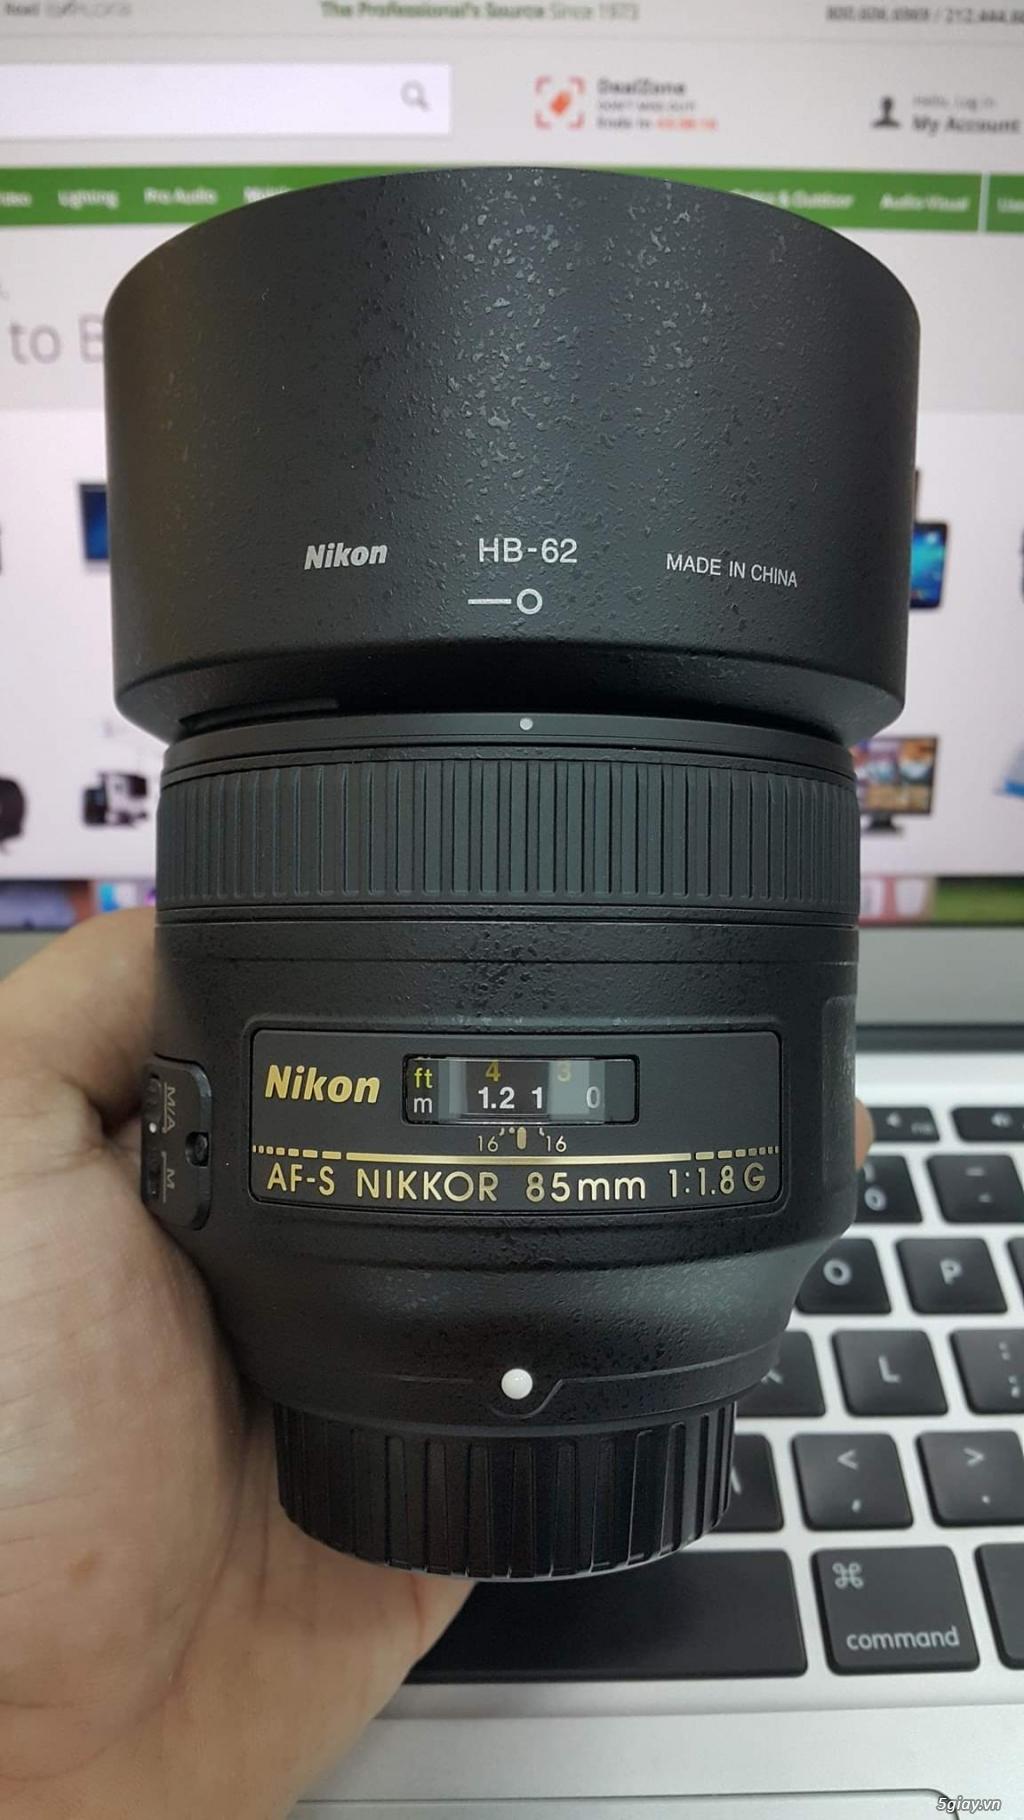 Cần bán: Ống Kính Nikon AF-S 85mm F1.8G like new, giá tốt chơi Tết.